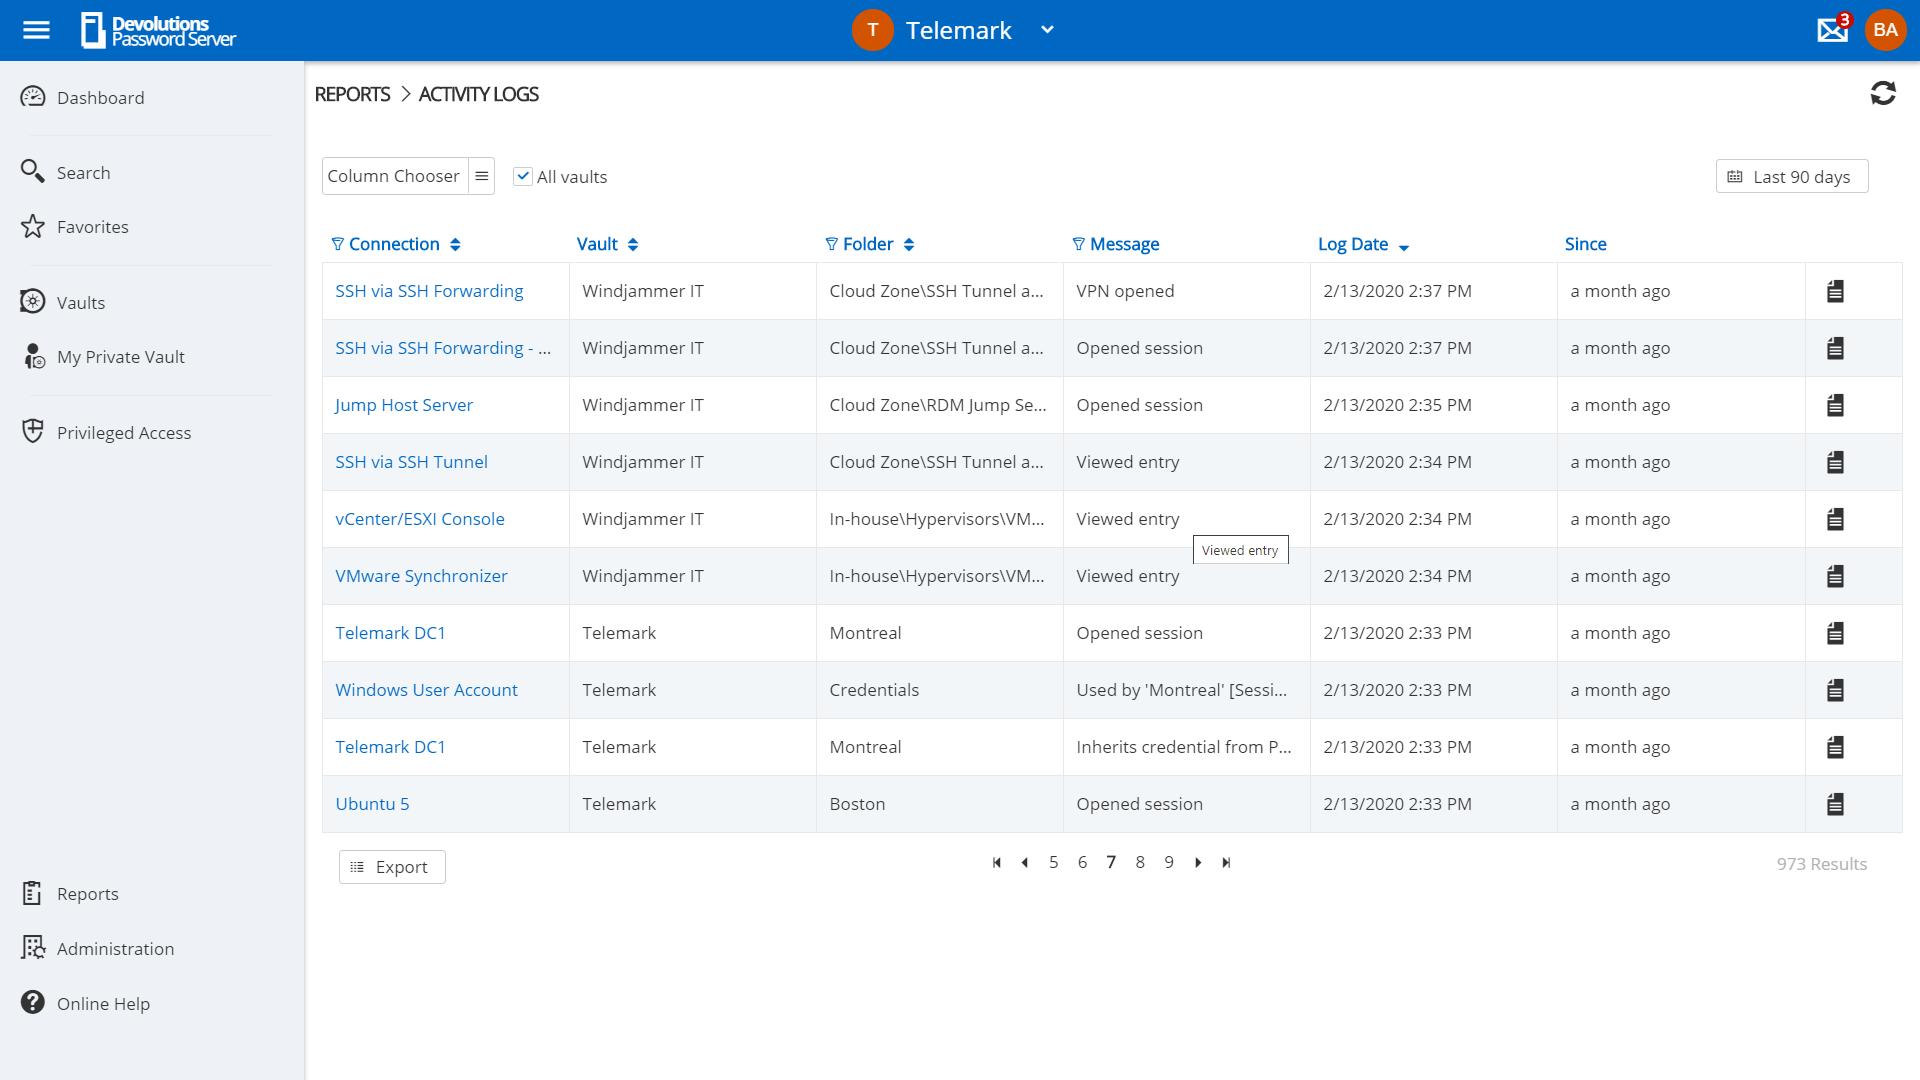 Devolutions Server Créez des rapports et des journaux détaillés